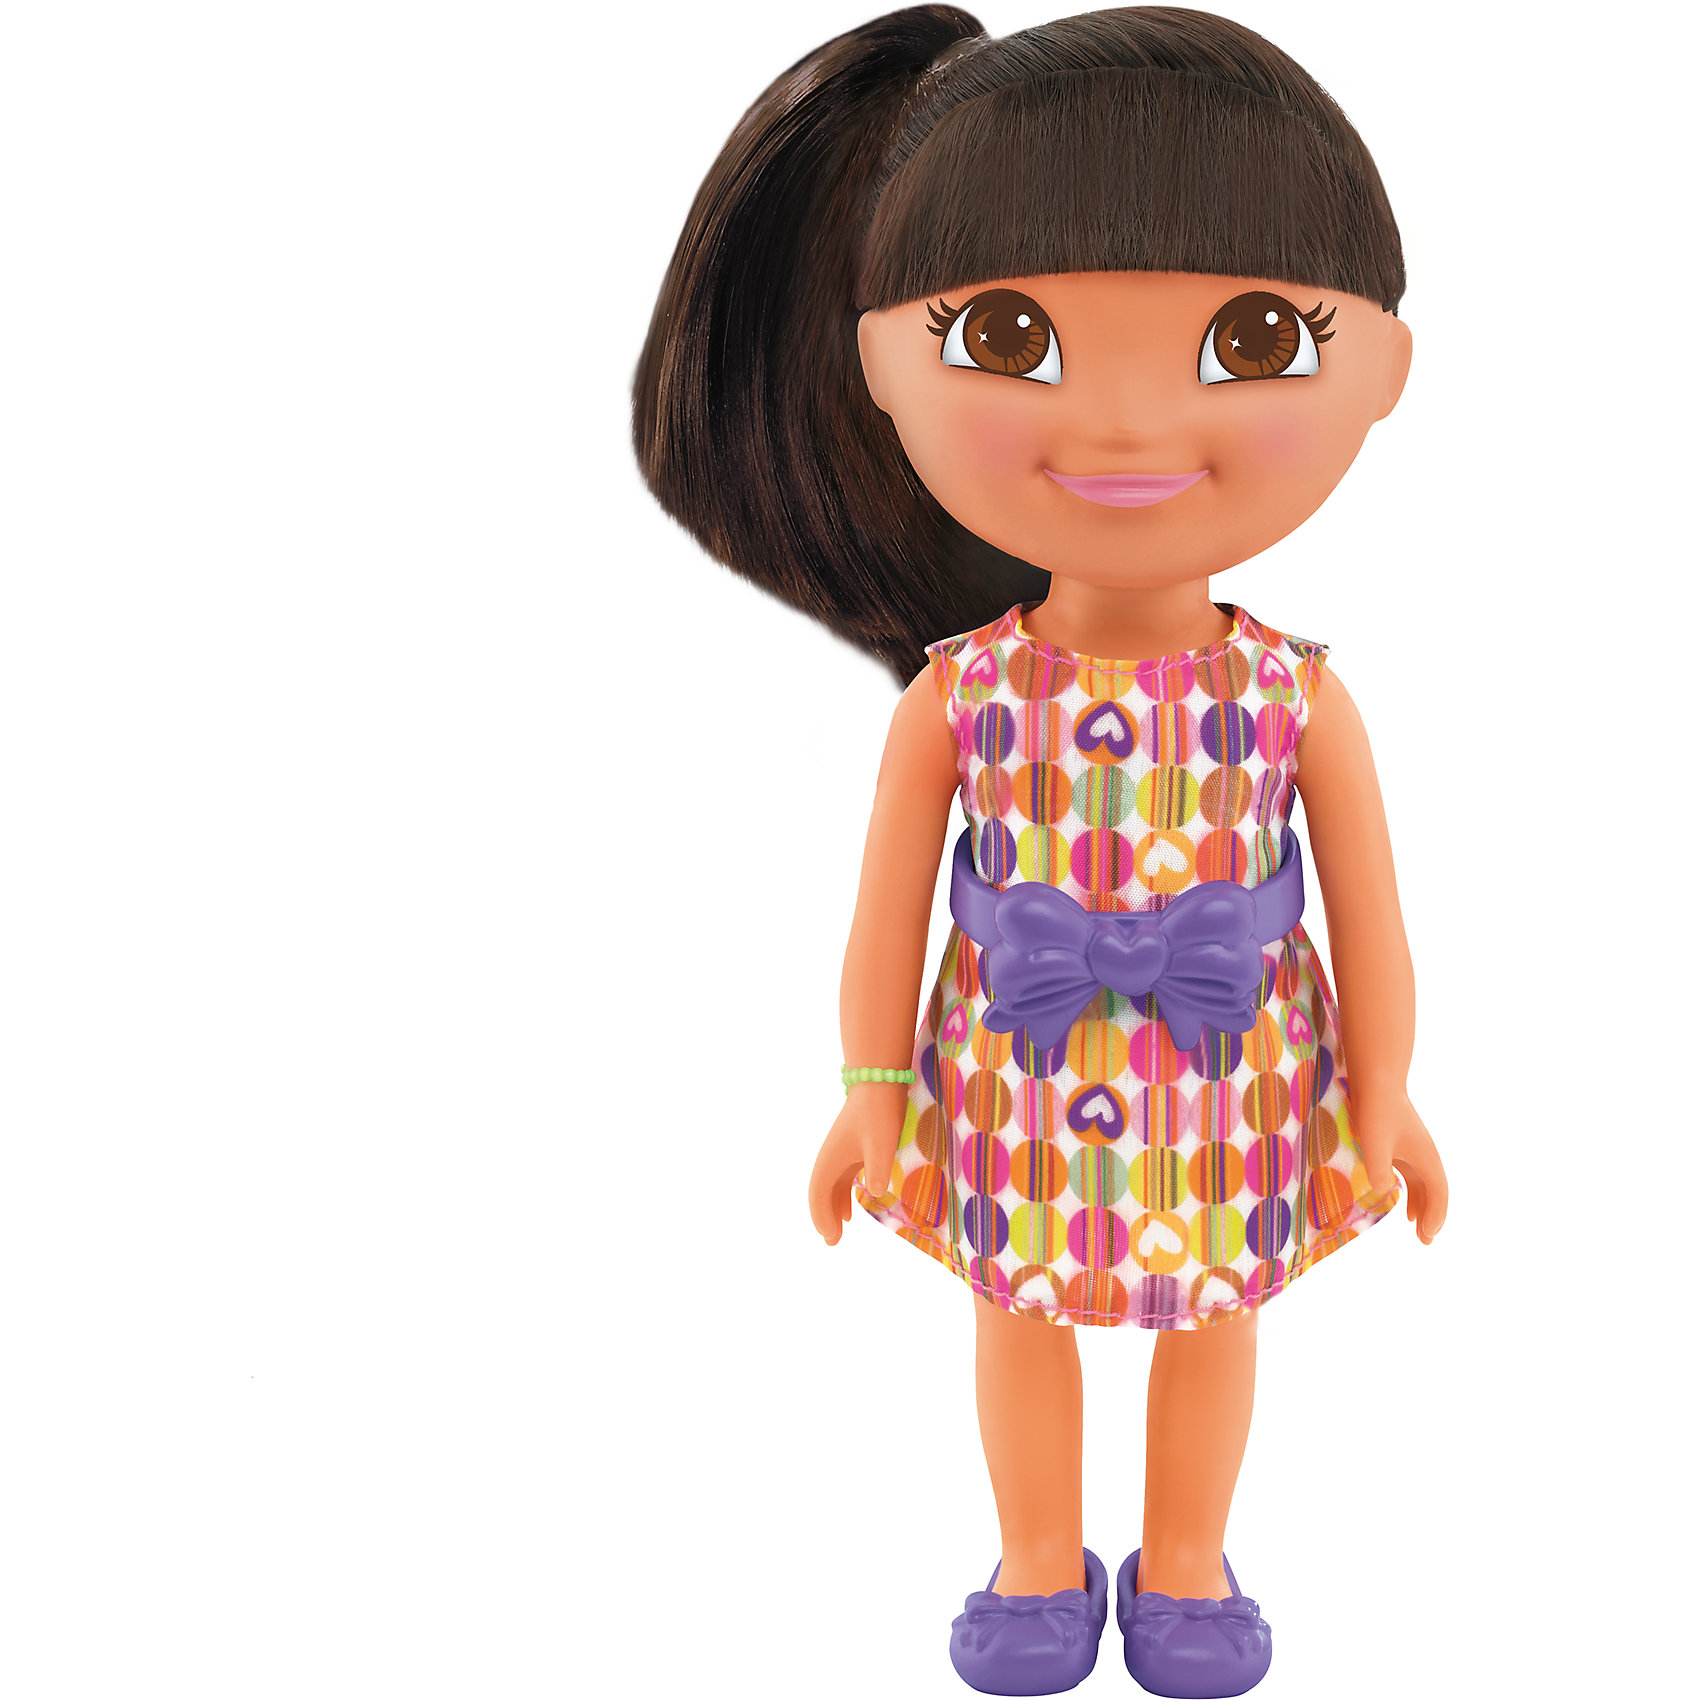 Кукла «День рождения Даши», Fisher Price, Даша-путешественницаДаша-путешественница<br>Характеристики товара:<br><br>• комплектация: игрушка, упаковка <br>• материал: пластик, текстиль<br>• серия: Fisher Price<br>• возраст: от трех лет<br>• габариты игрушки: 23х9х12,5 см<br>• срок годности: не ограничен<br>• страна бренда: США<br><br>У Даши День рождения, поэтому она сегодня такая нарядная! Исследуй окружающий мир вместе с куклой Дашей! Даша – путешественница – кукла, созданная по мотивам одноименного фильма. Высота куклы – 20 сантиметров. Стоит отметить, что все товары, выпускаемые компанией Mattel, полностью безопасны и соответствуют международным  требованиям по качеству материалов. <br><br>Товар «Кукла «День рождения Даши», Fisher Price, Даша-путешественница» можно приобрести в нашем интернет-магазине.<br><br>Ширина мм: 90<br>Глубина мм: 230<br>Высота мм: 125<br>Вес г: 329<br>Возраст от месяцев: 36<br>Возраст до месяцев: 120<br>Пол: Женский<br>Возраст: Детский<br>SKU: 5434144